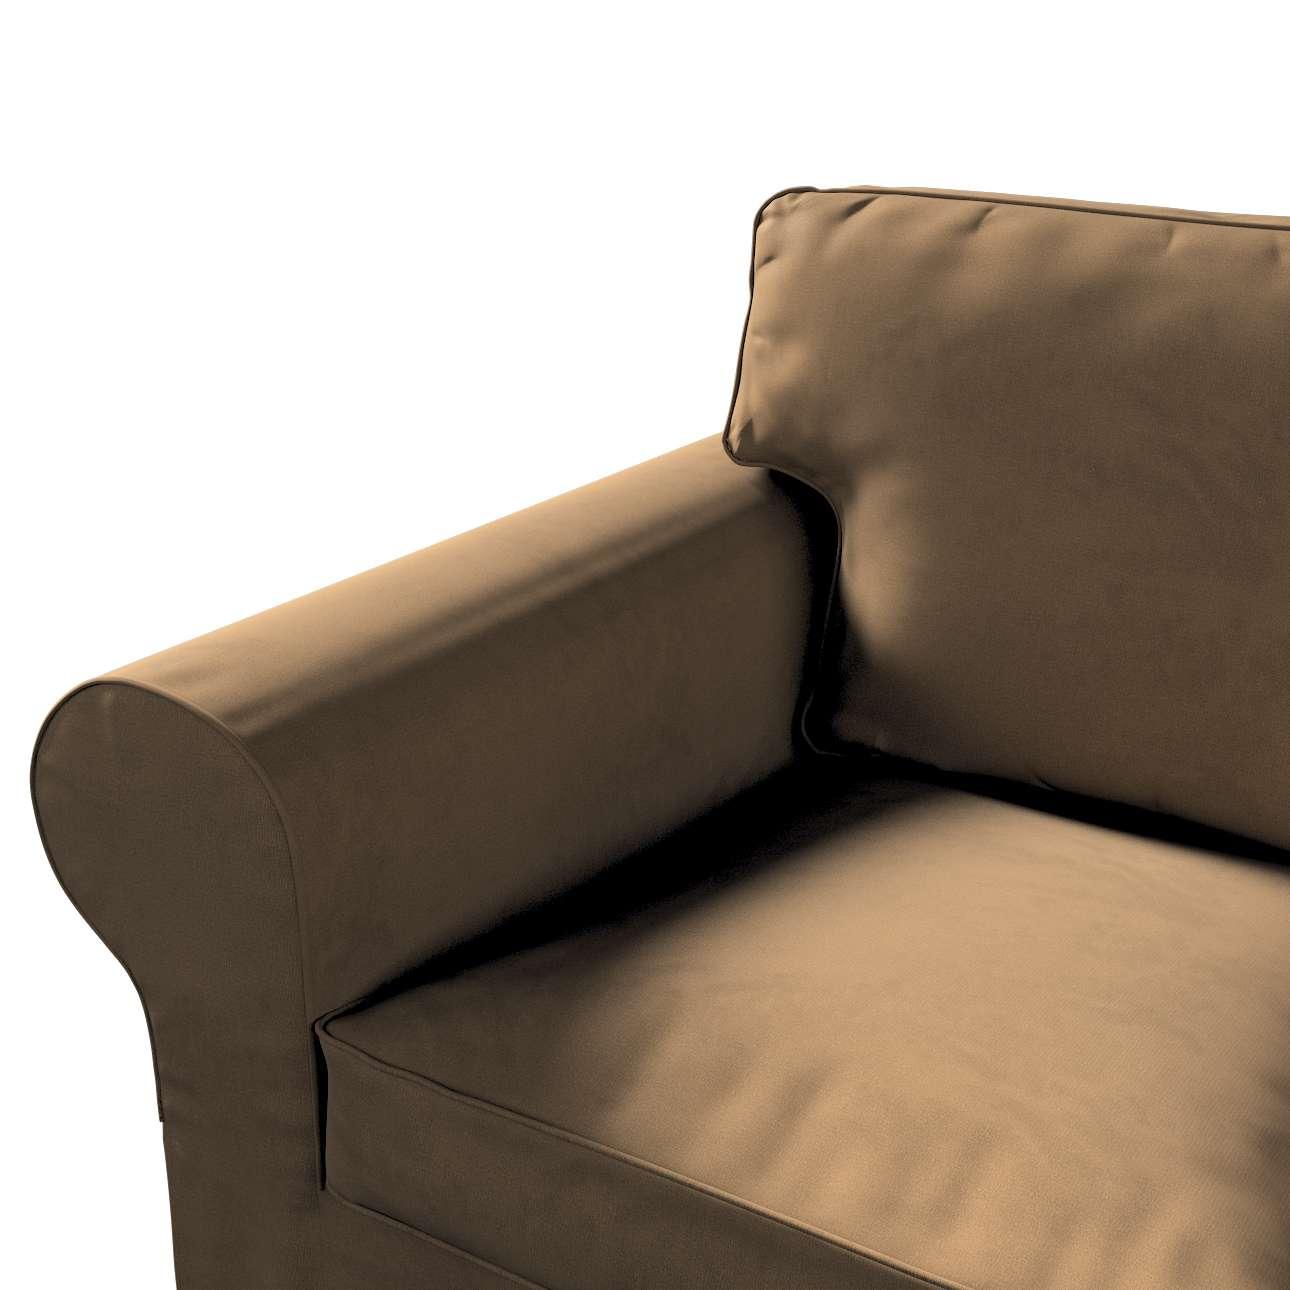 Pokrowiec na sofę Ektorp 2-osobową rozkładaną, model po 2012 w kolekcji Living II, tkanina: 160-94